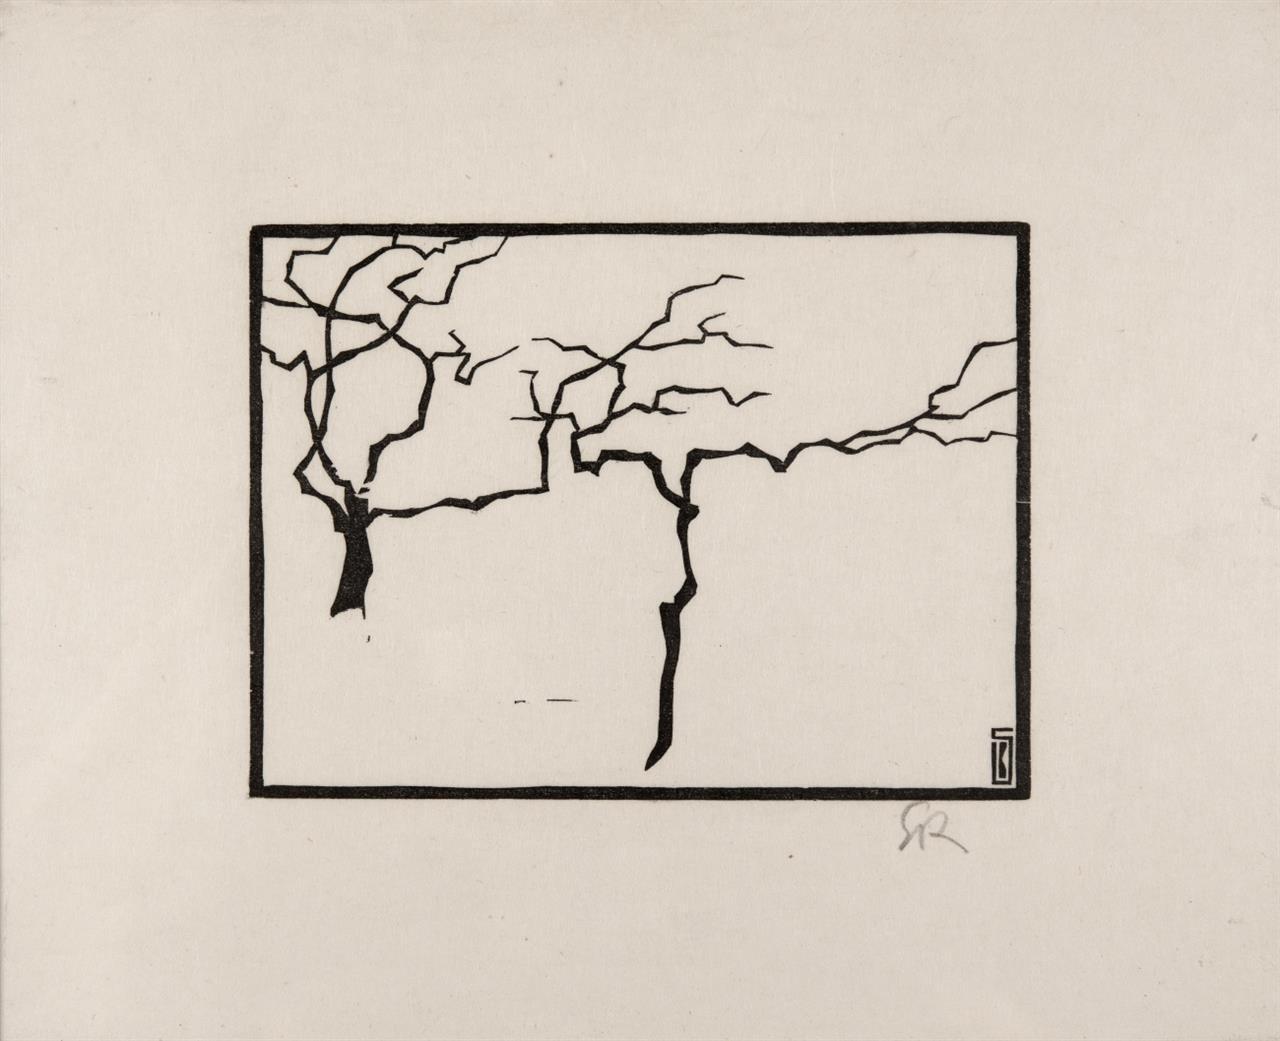 Karl Schmidt-Rottluff. Bäume im Winter. 1905/1975. Holzschnitt. Monogrammiert.